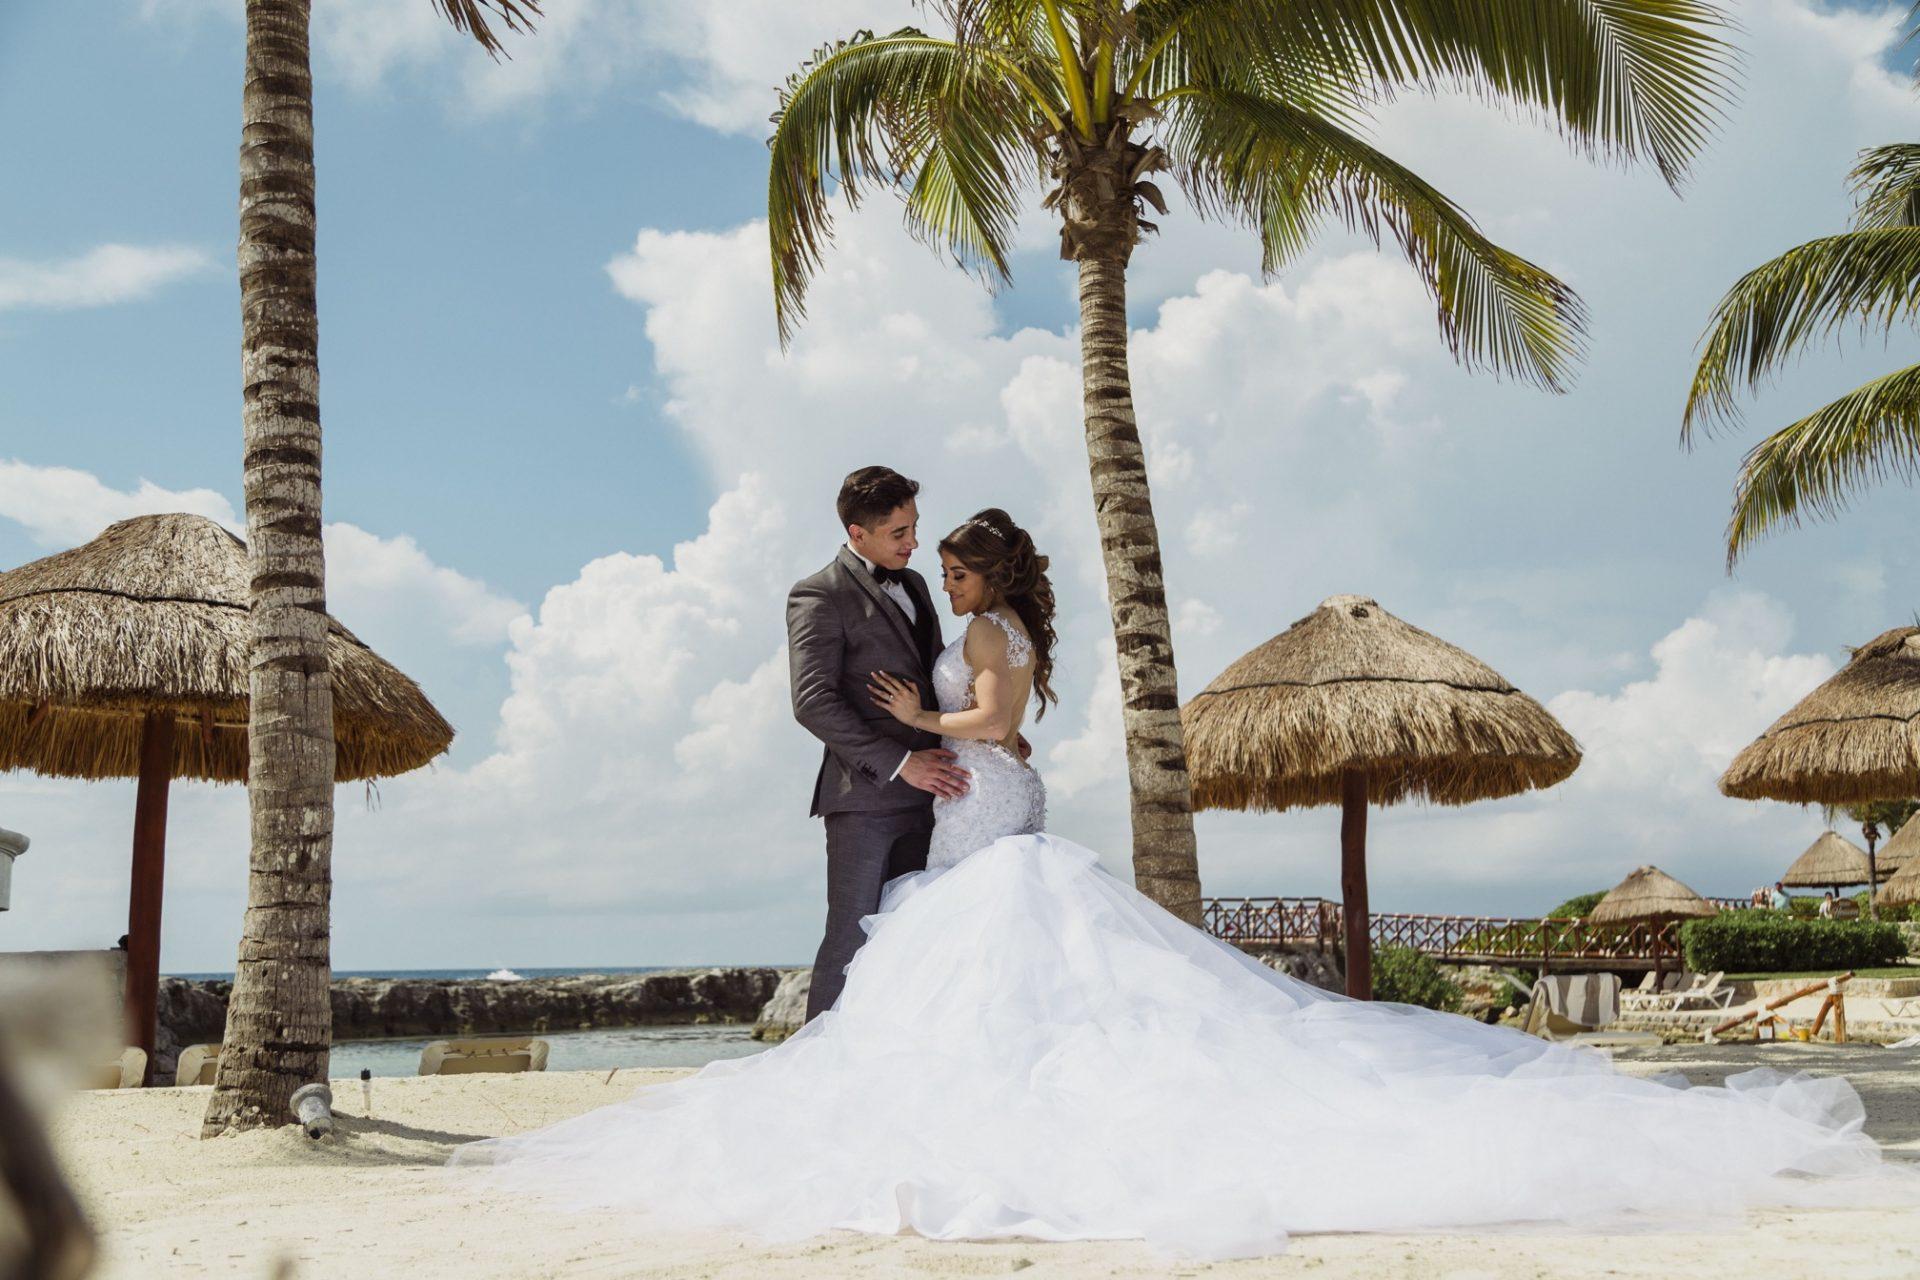 fotografo_bodas_profesional_zacatecas_riviera_maya_cancun-168